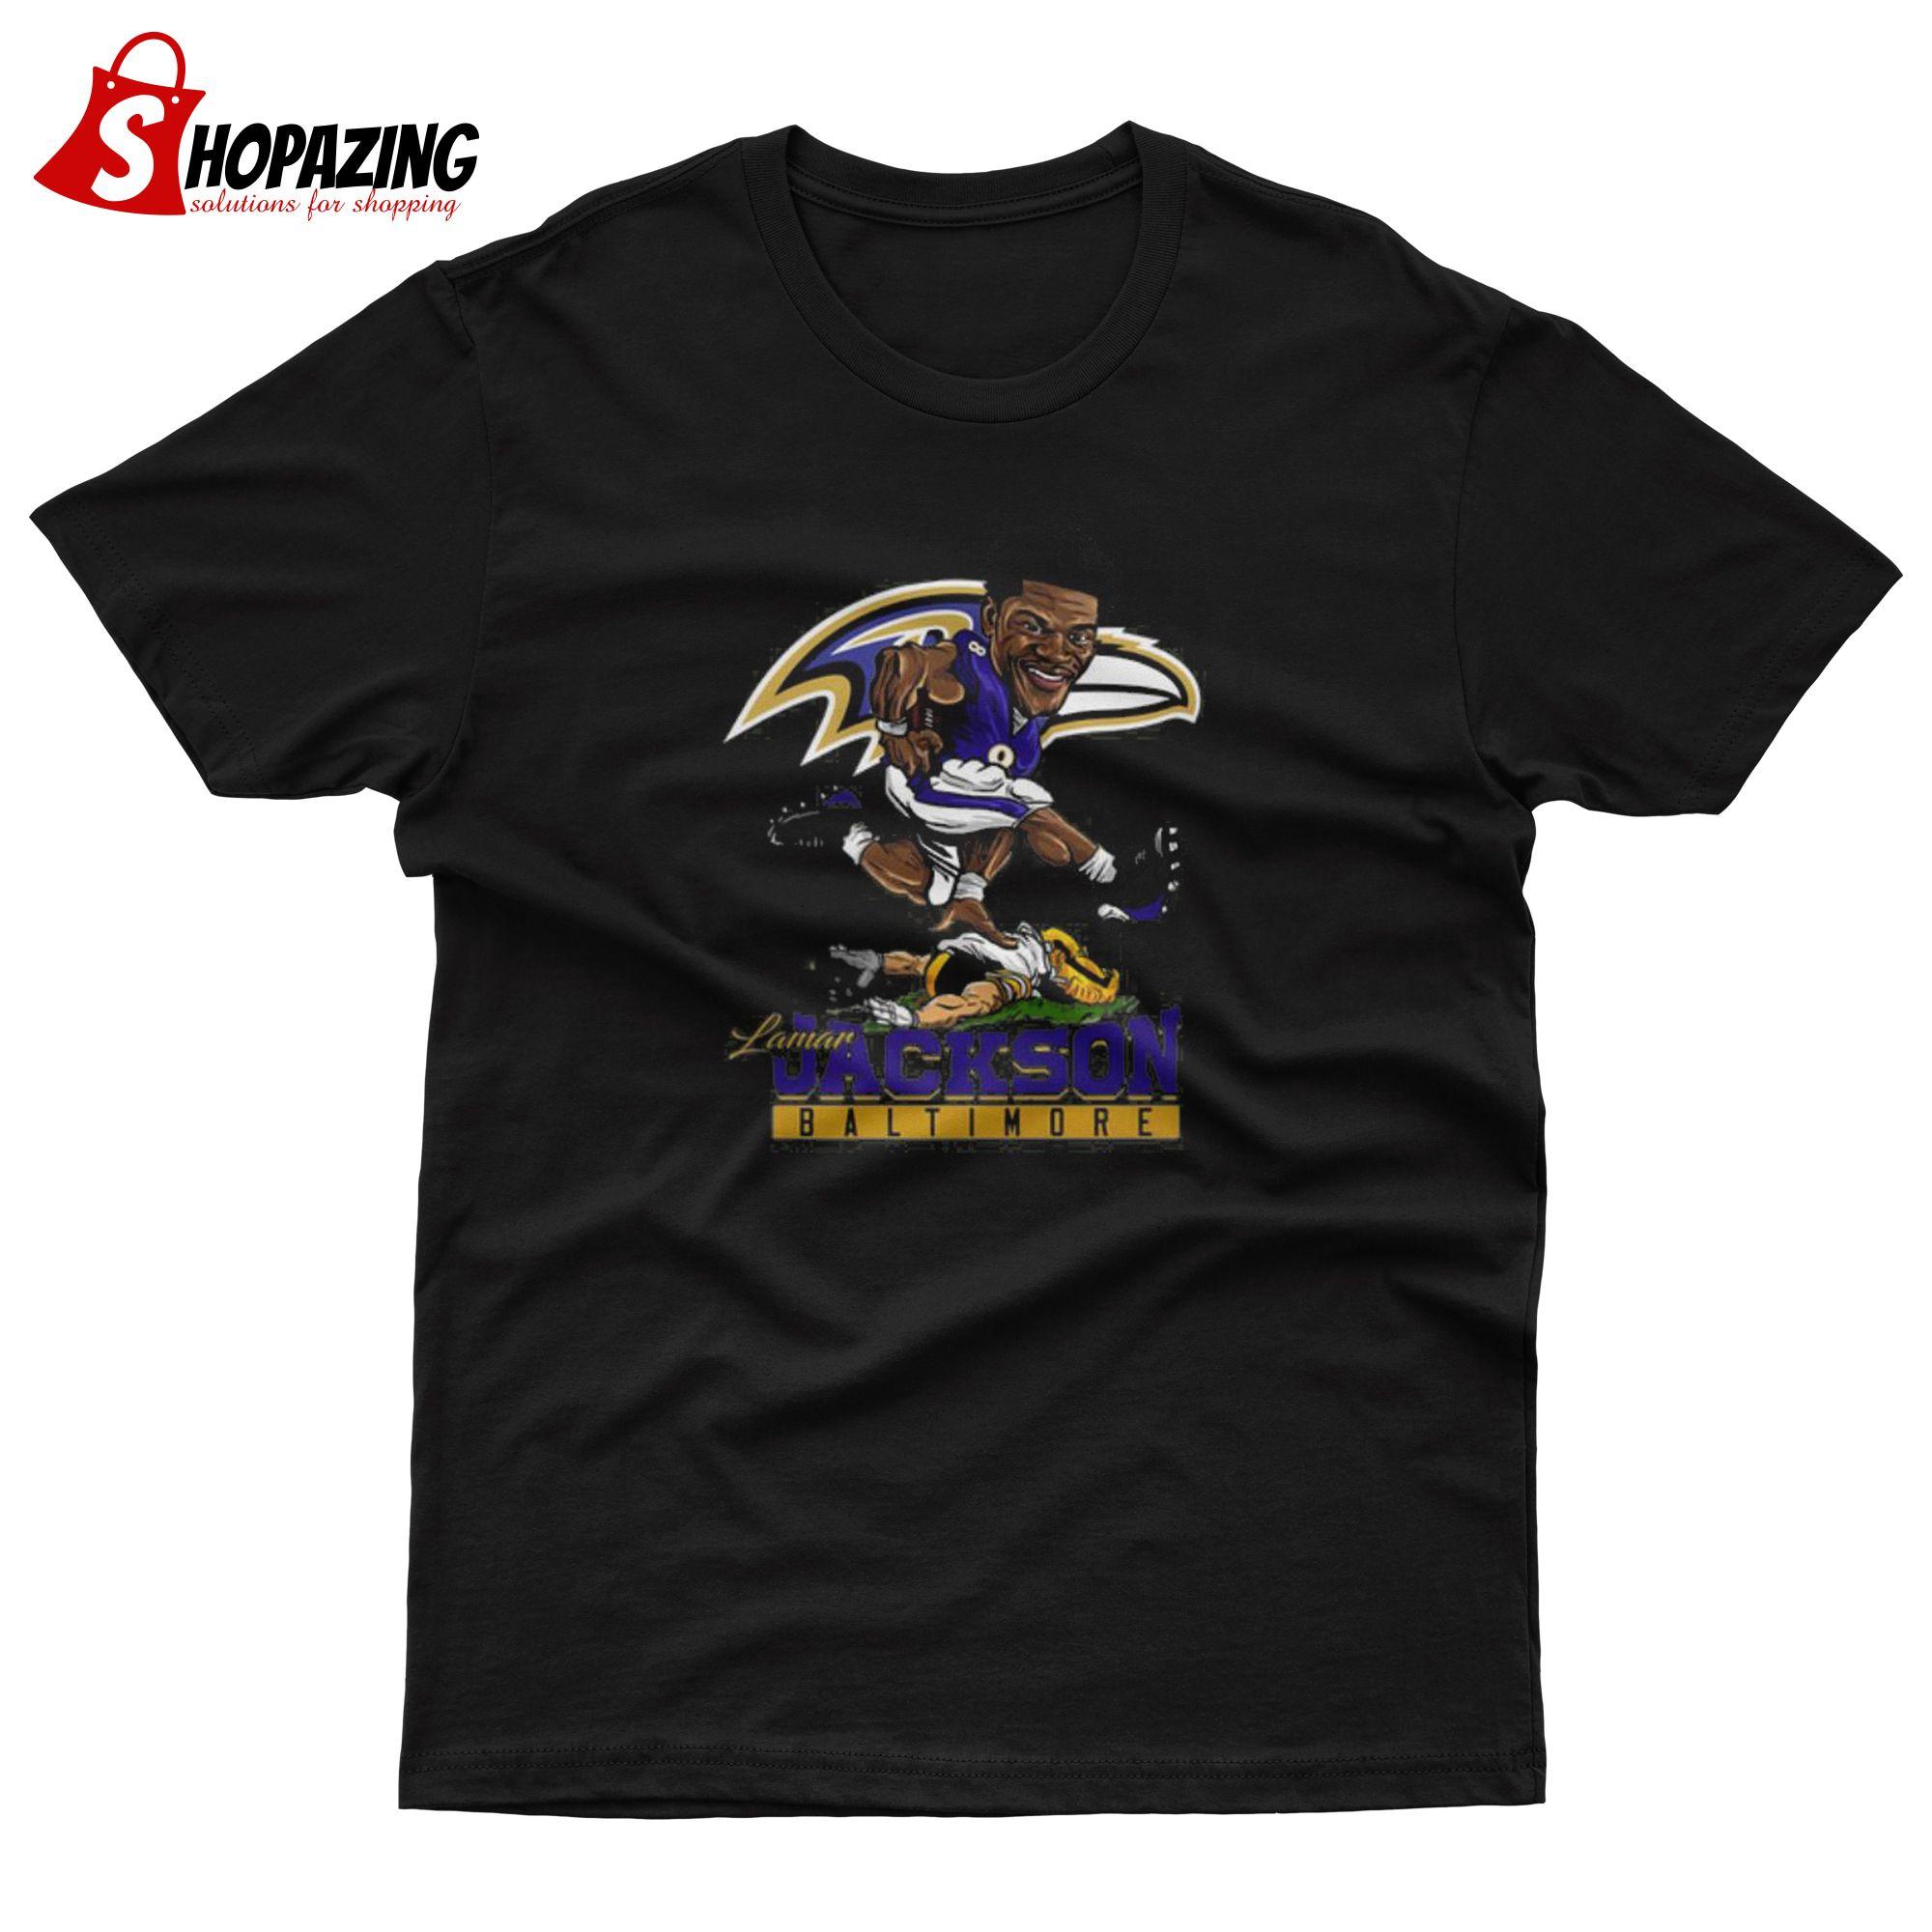 baltimore ravens t shirt